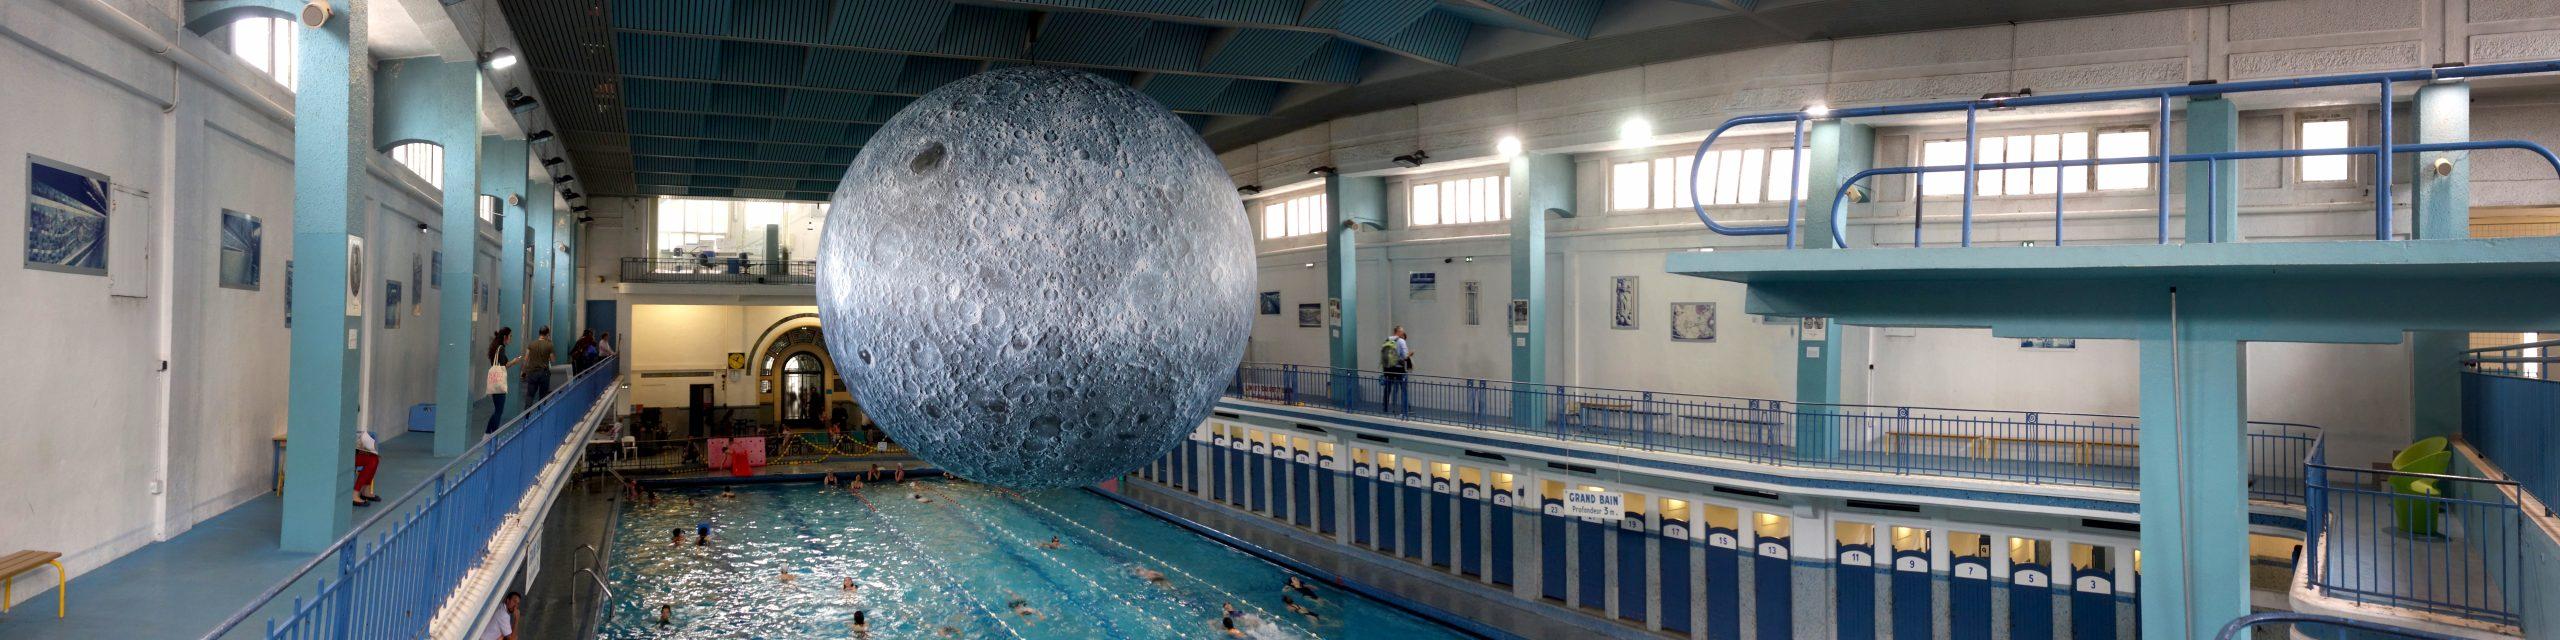 File:la Lune Au-Dessus Du Bassin De La Piscine Saint-Georges ... pour Piscine De Rennes